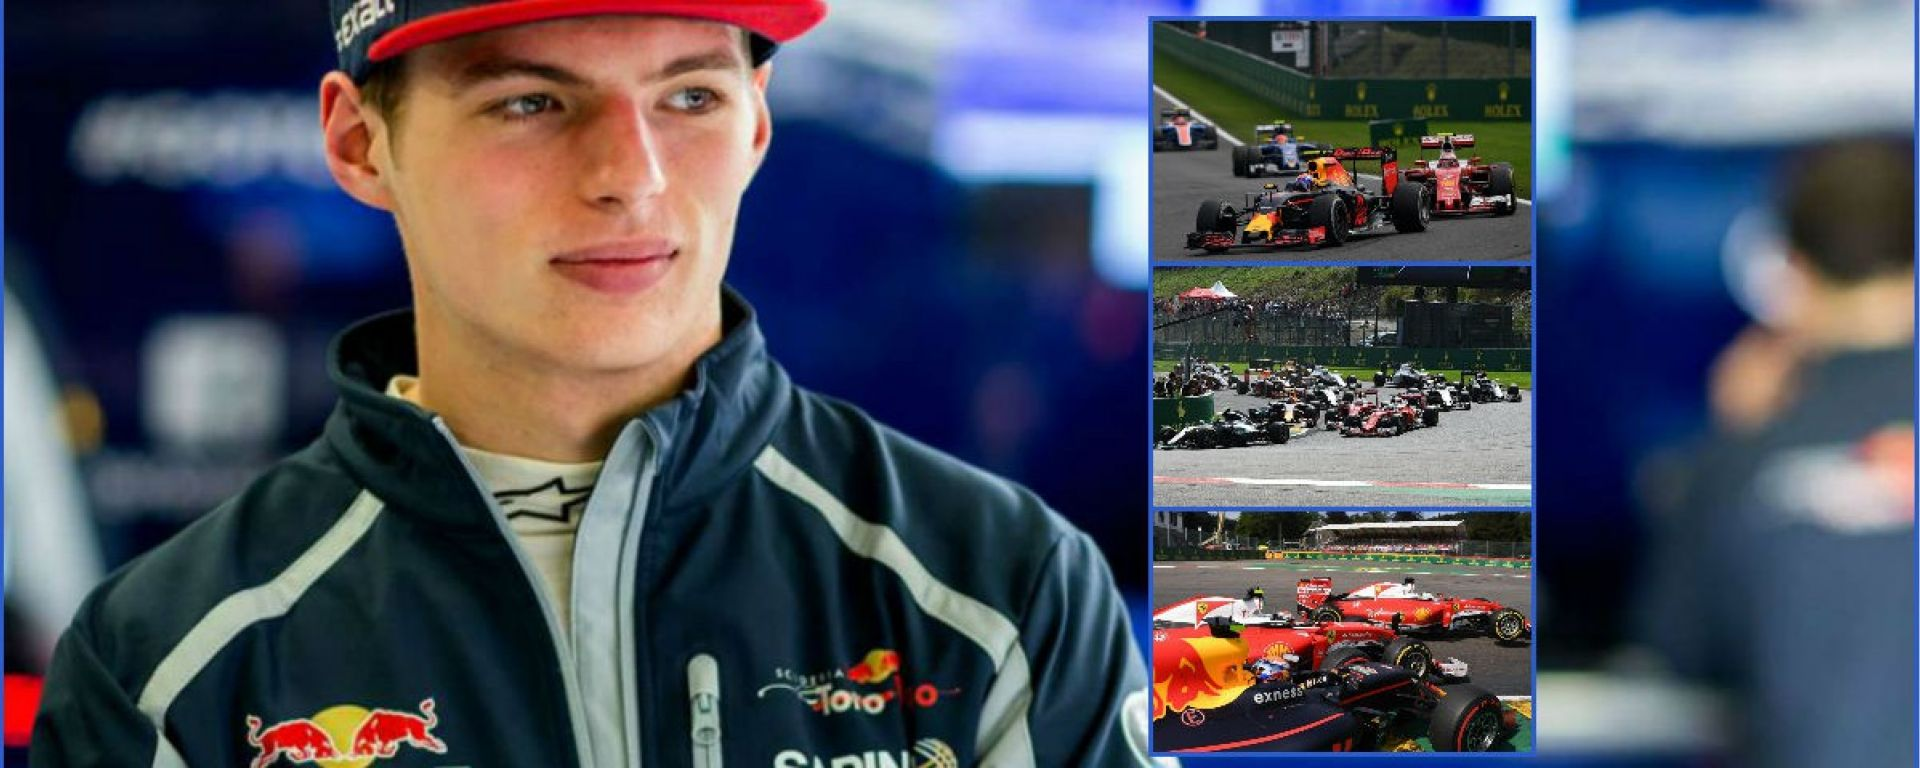 F1: Verstappen e la sua vendetta contro la Ferrari